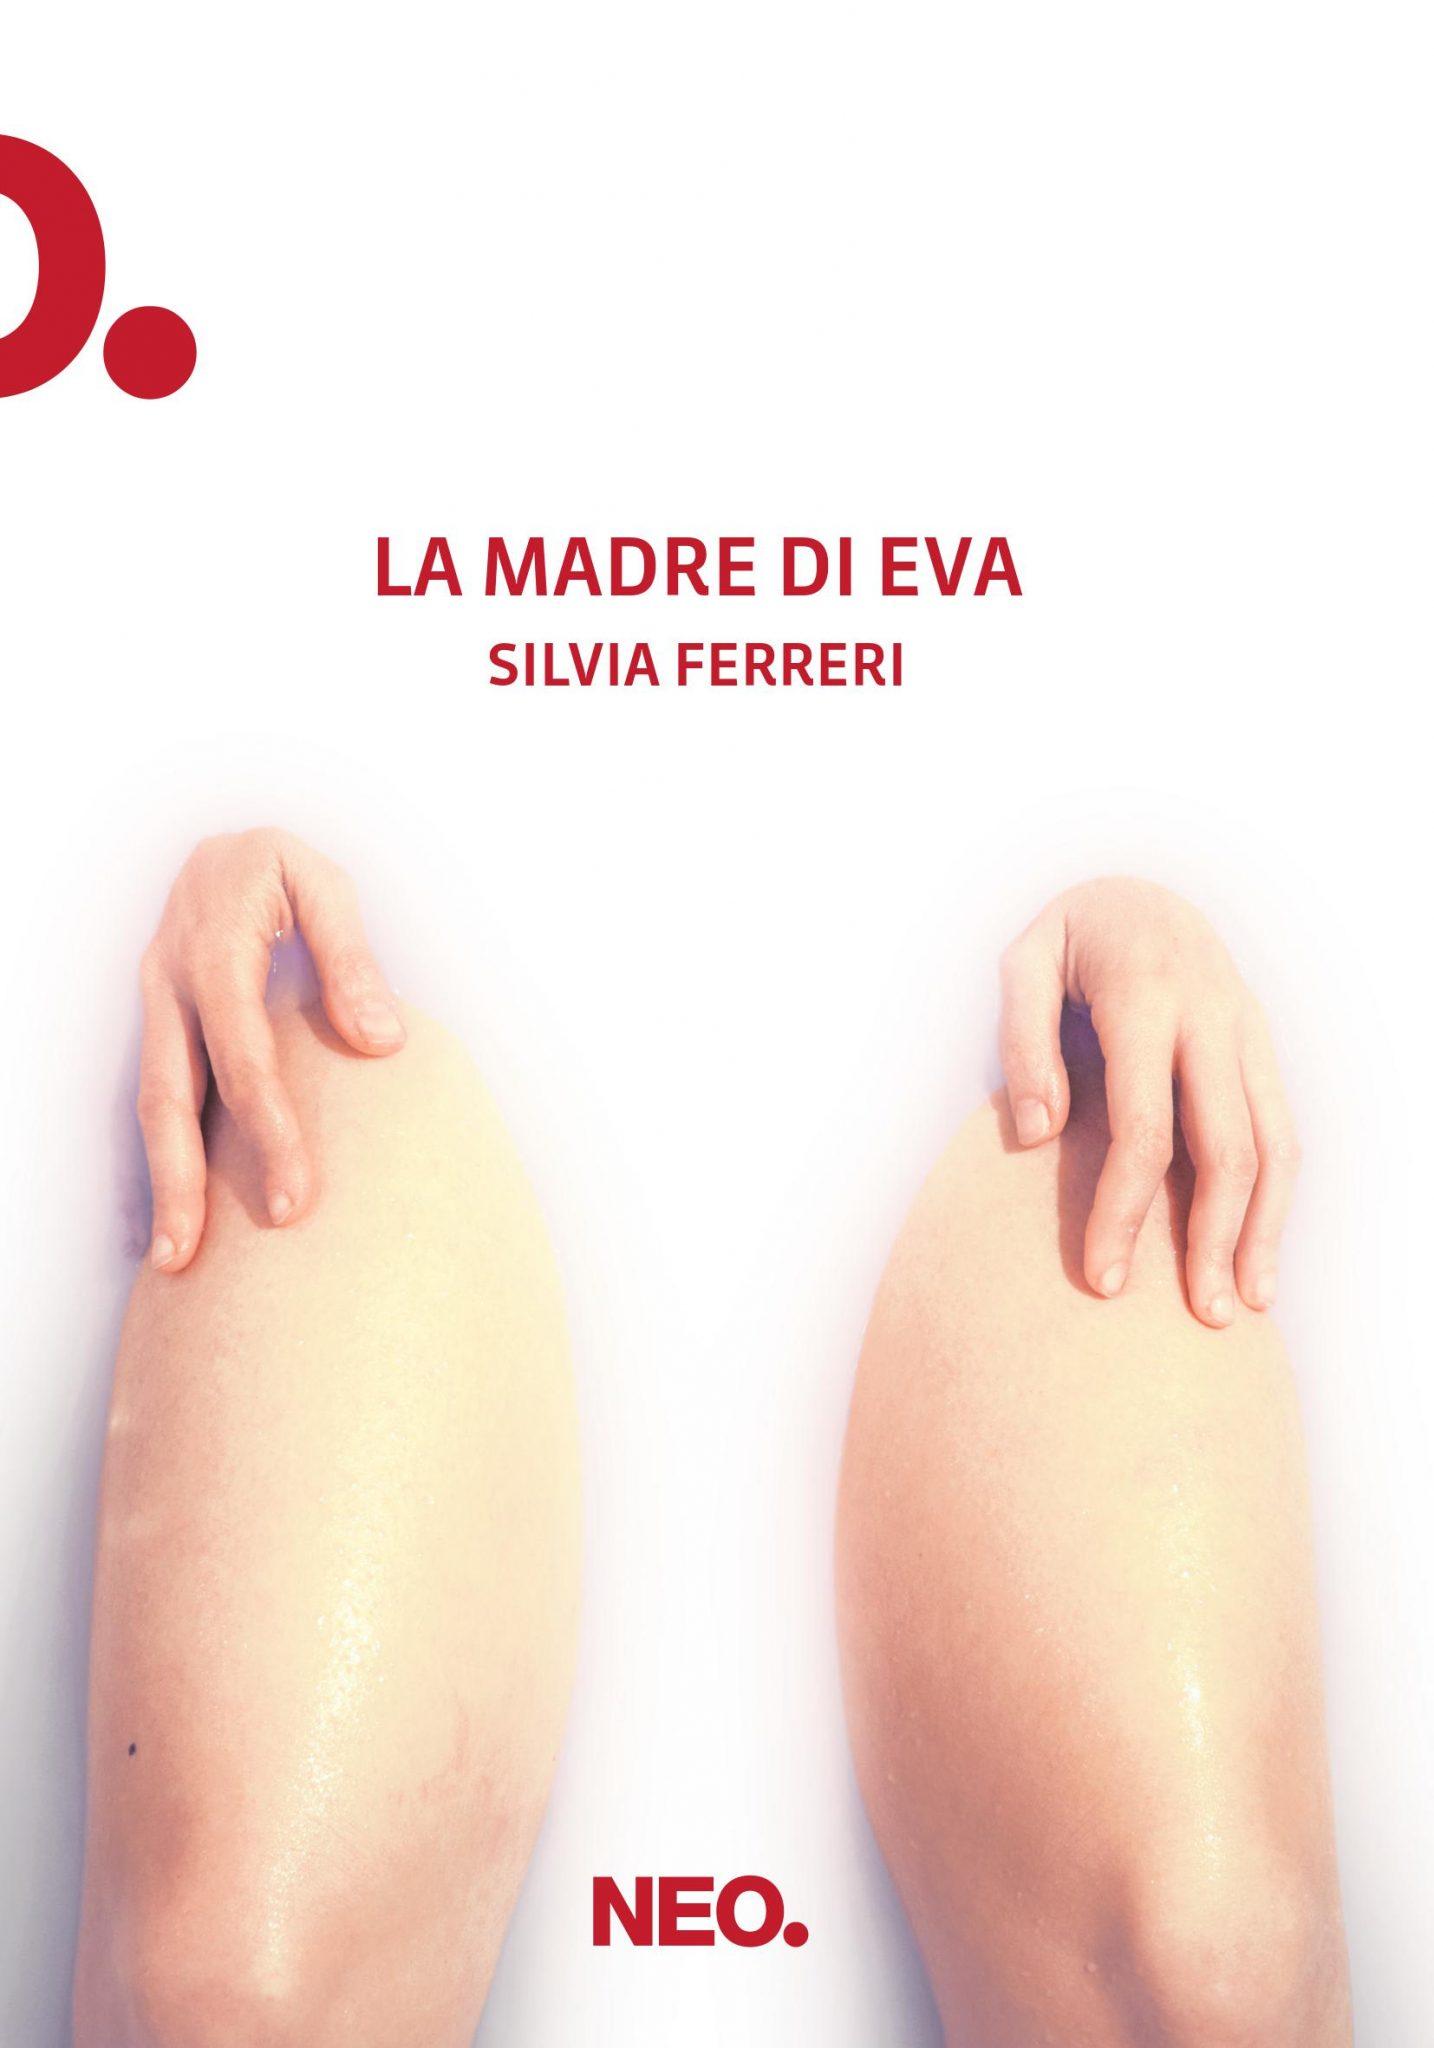 La madre di Eva – Silvia Ferreri